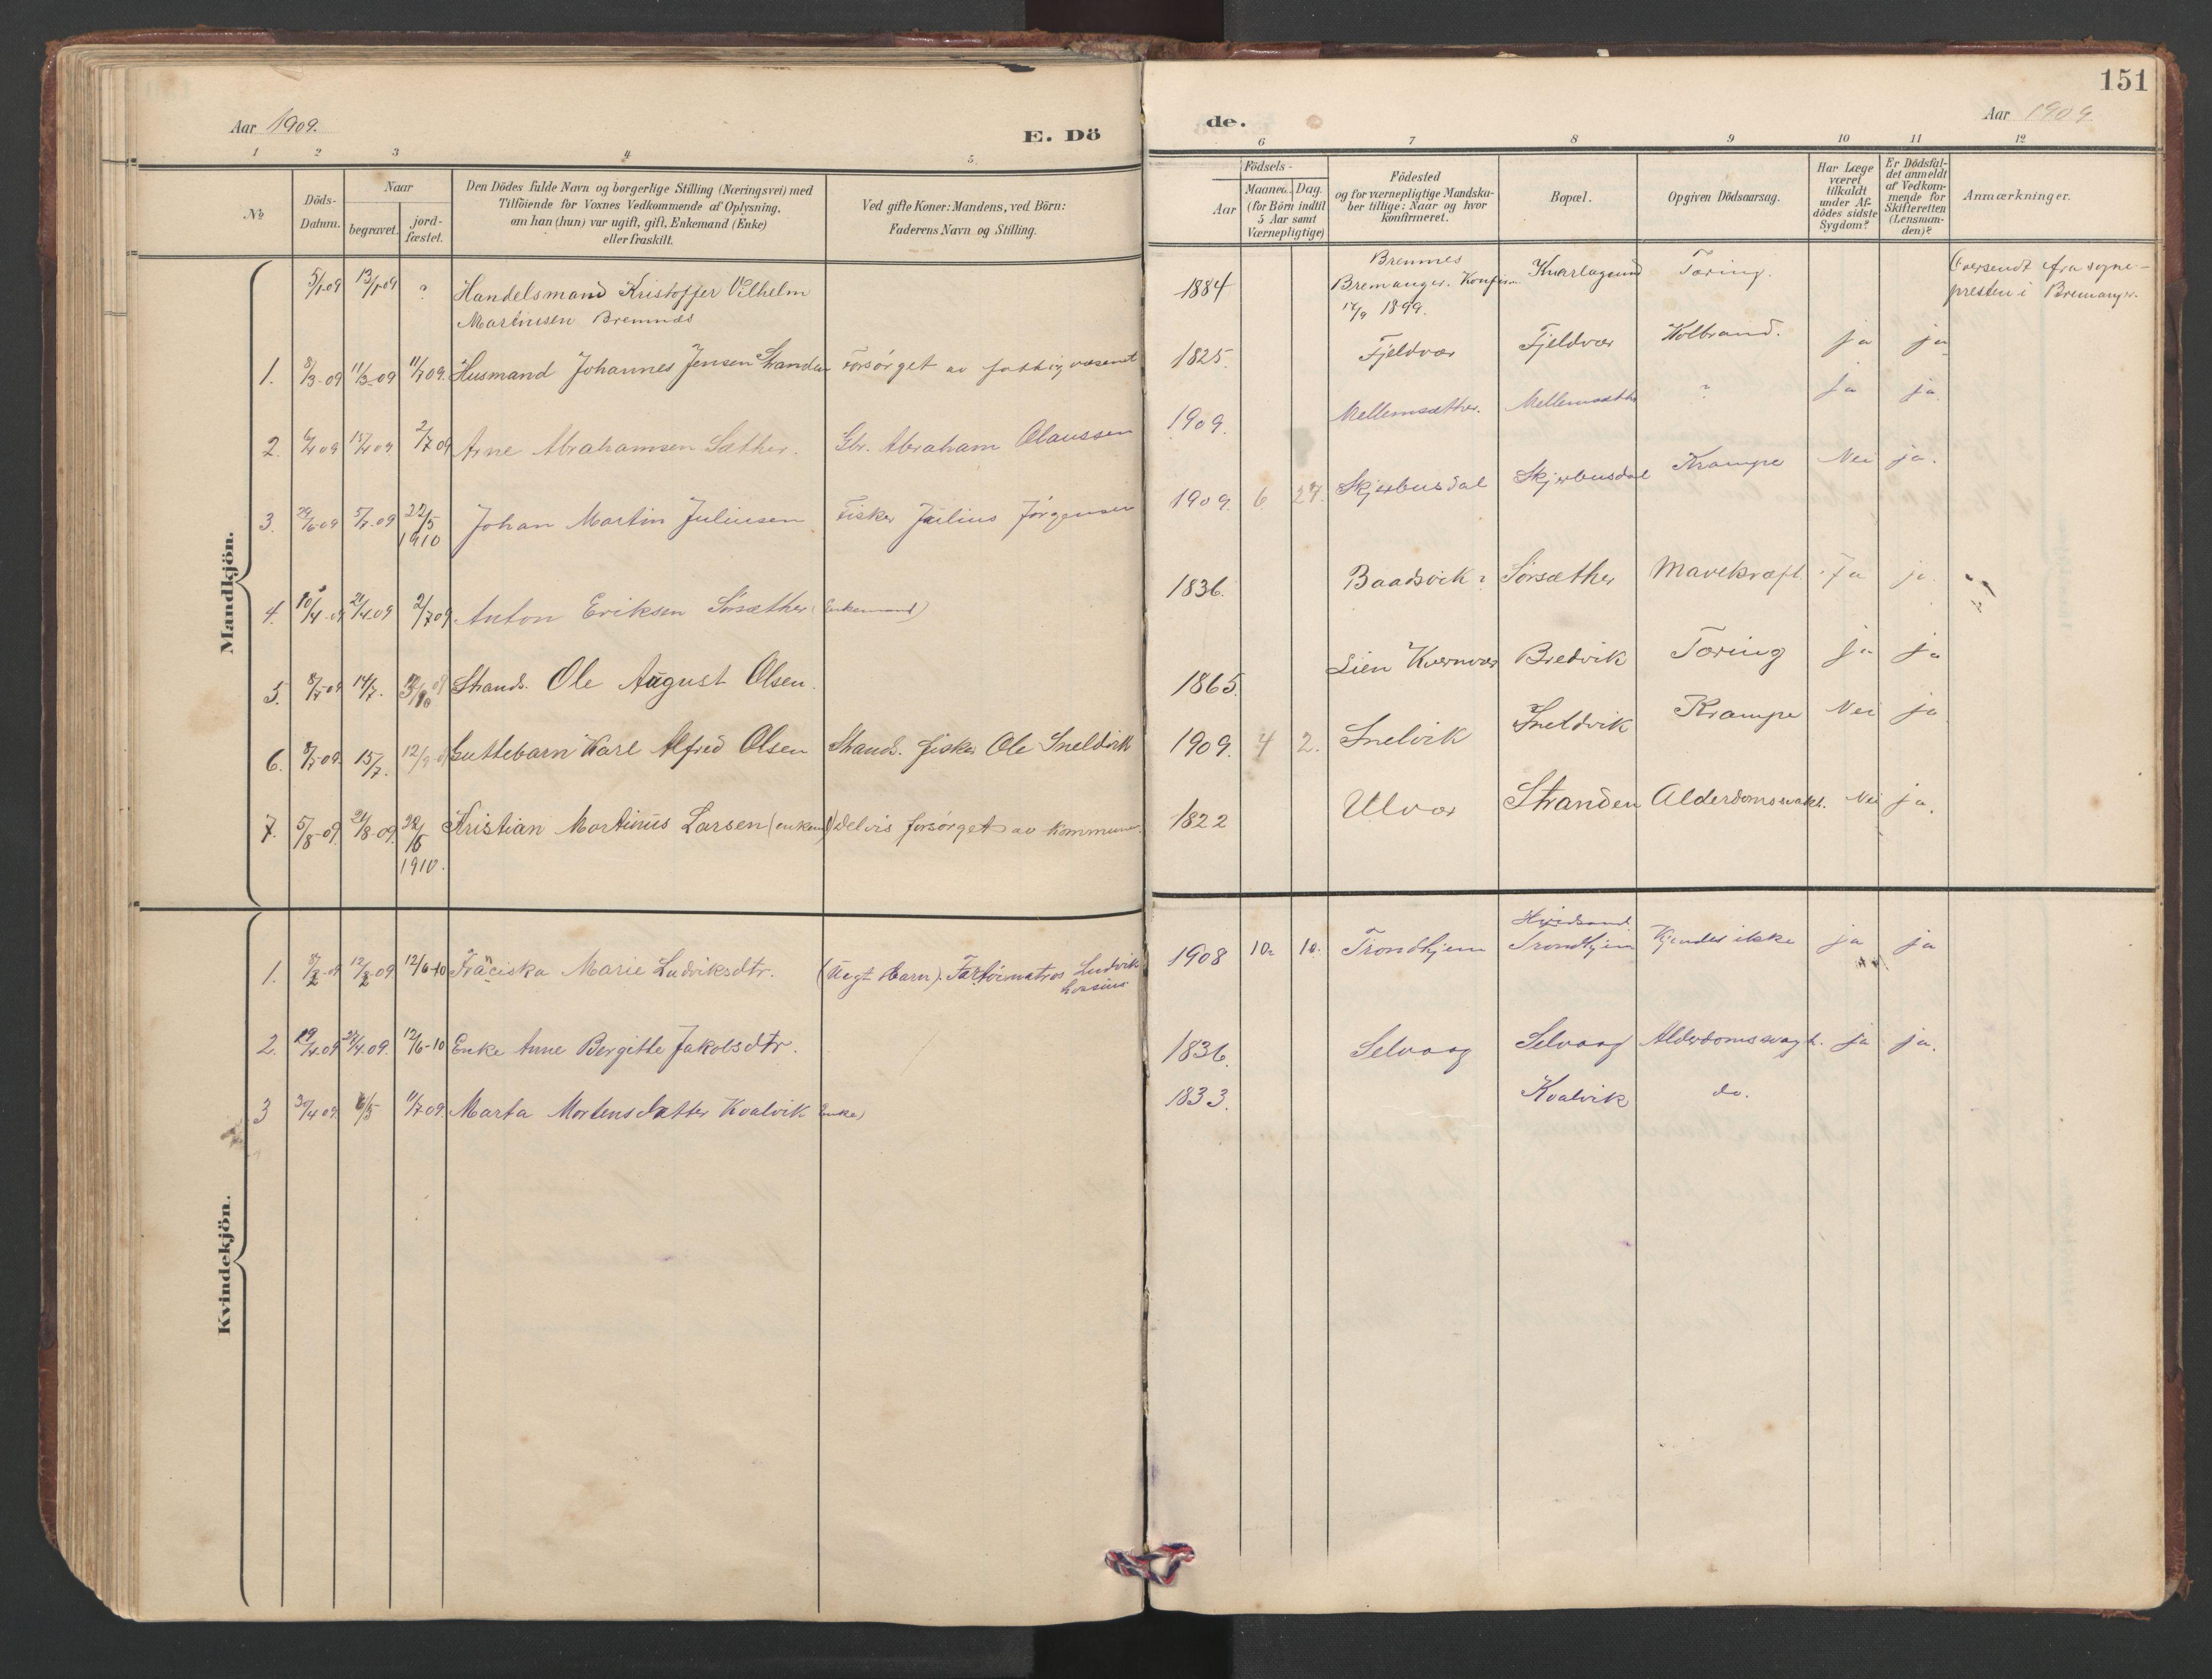 SAT, Ministerialprotokoller, klokkerbøker og fødselsregistre - Sør-Trøndelag, 638/L0571: Klokkerbok nr. 638C03, 1901-1930, s. 151